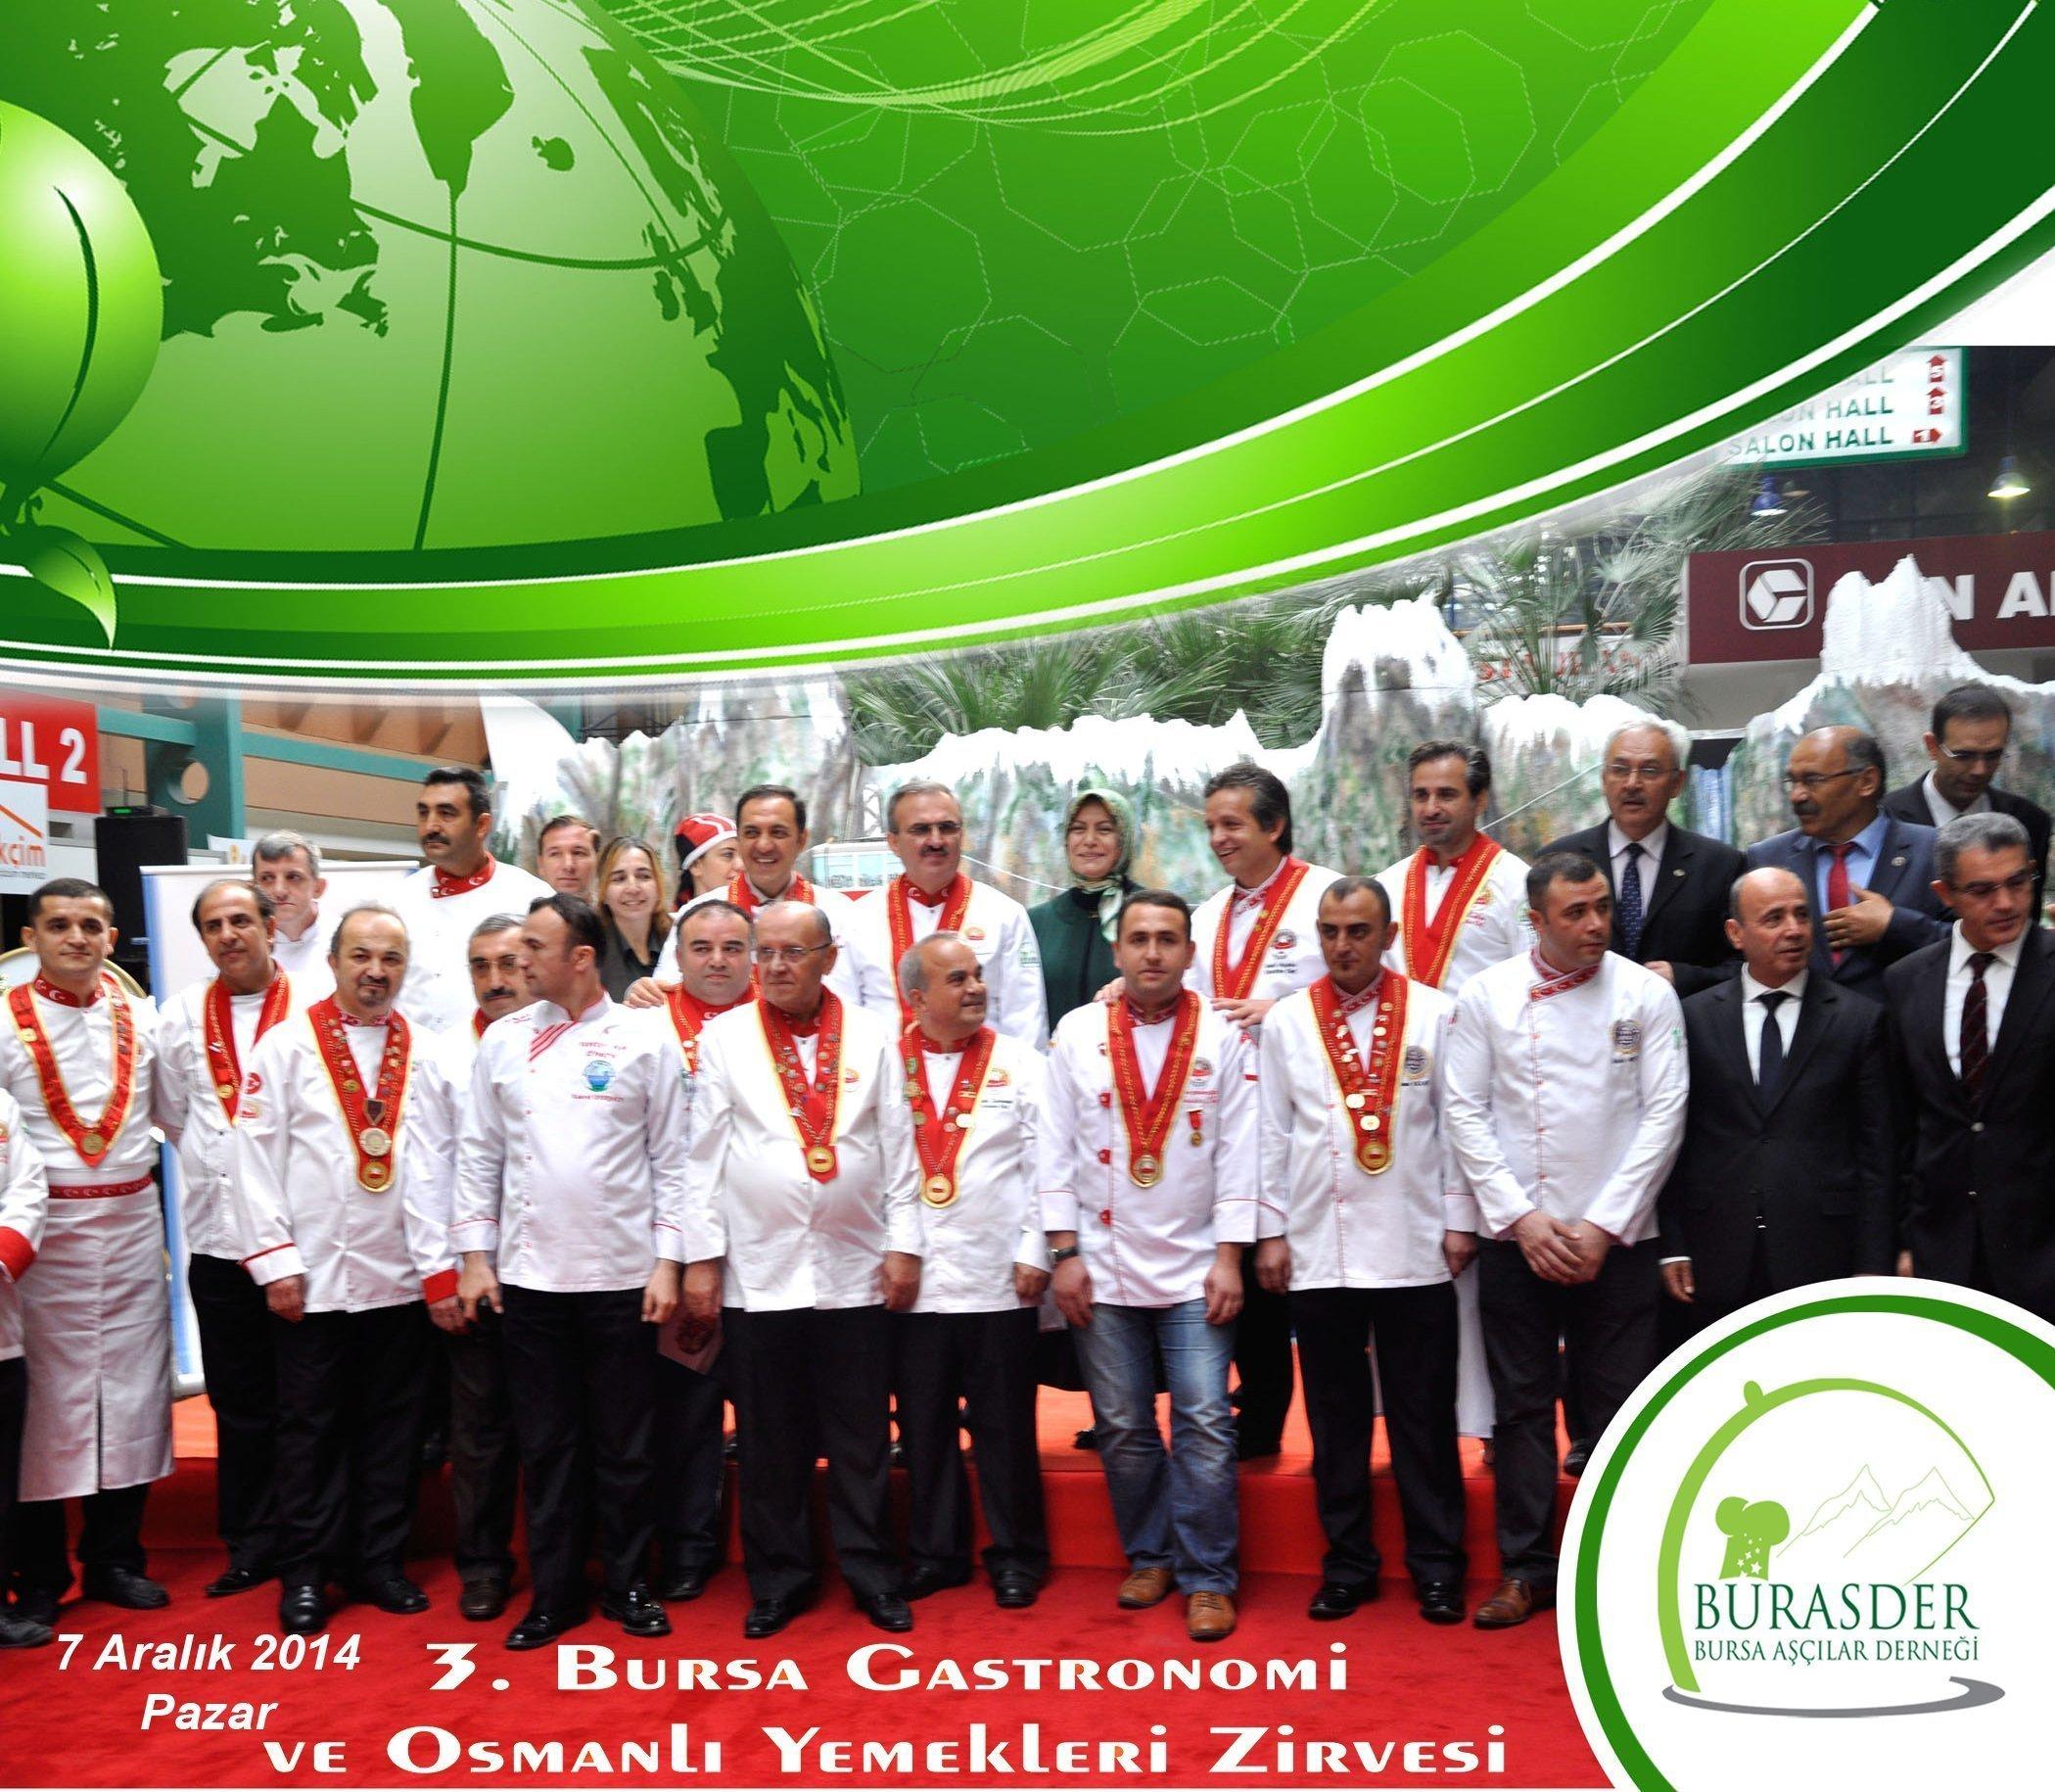 Bursa Gastronomi ve Osmanlı Yemekleri Festivali